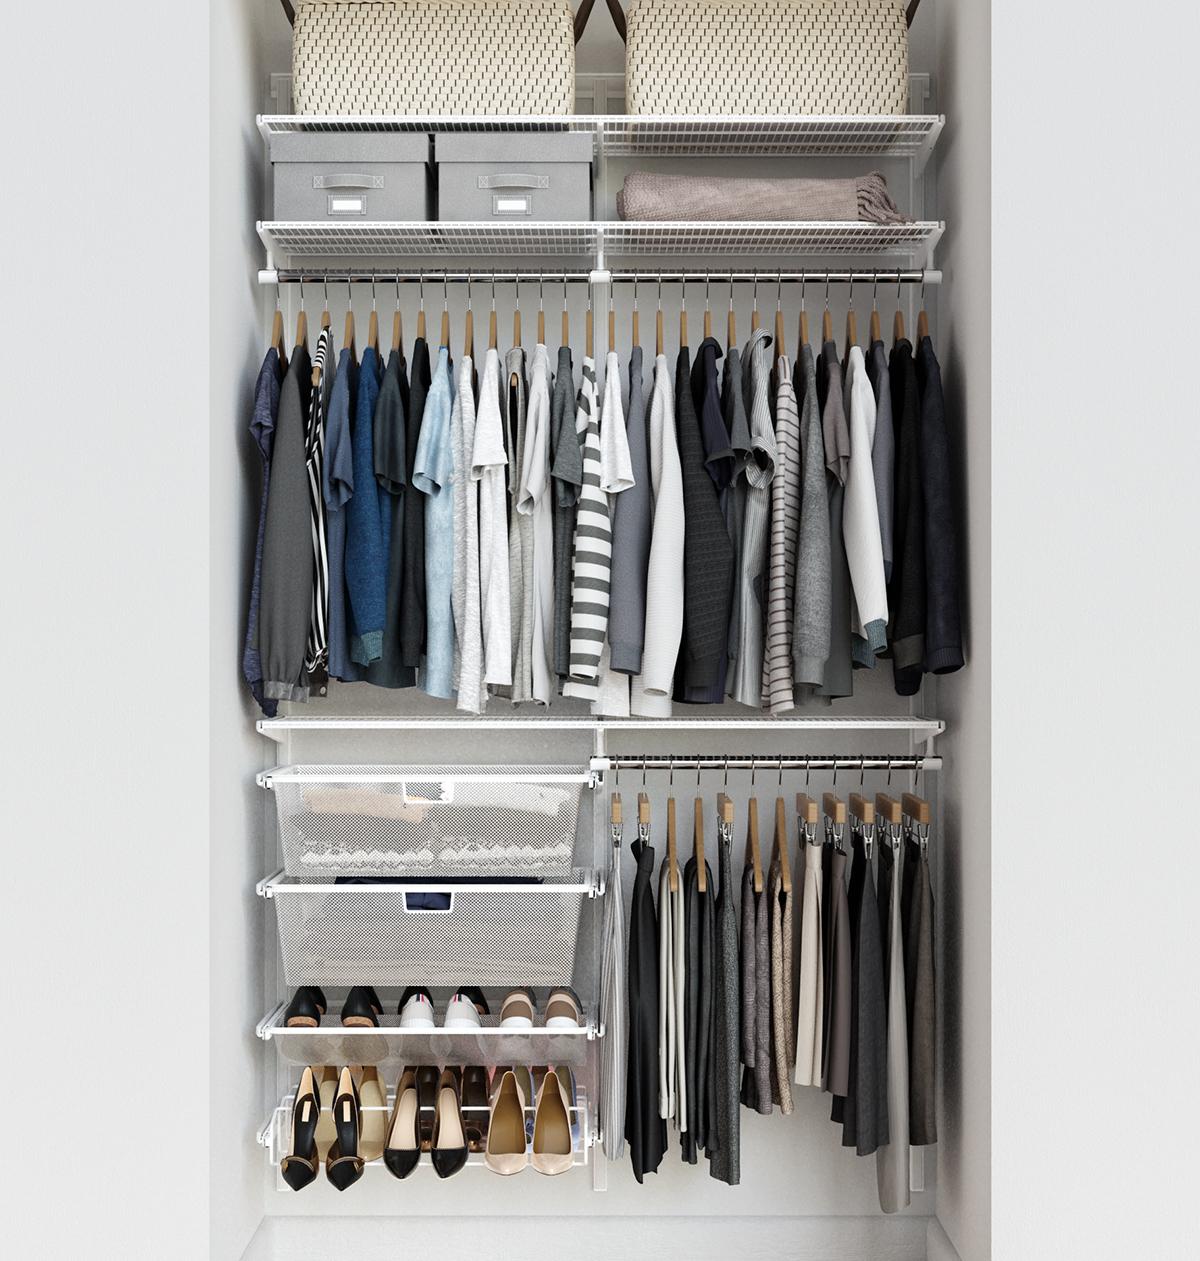 Elfa Classic 4' White Reach-In Closet